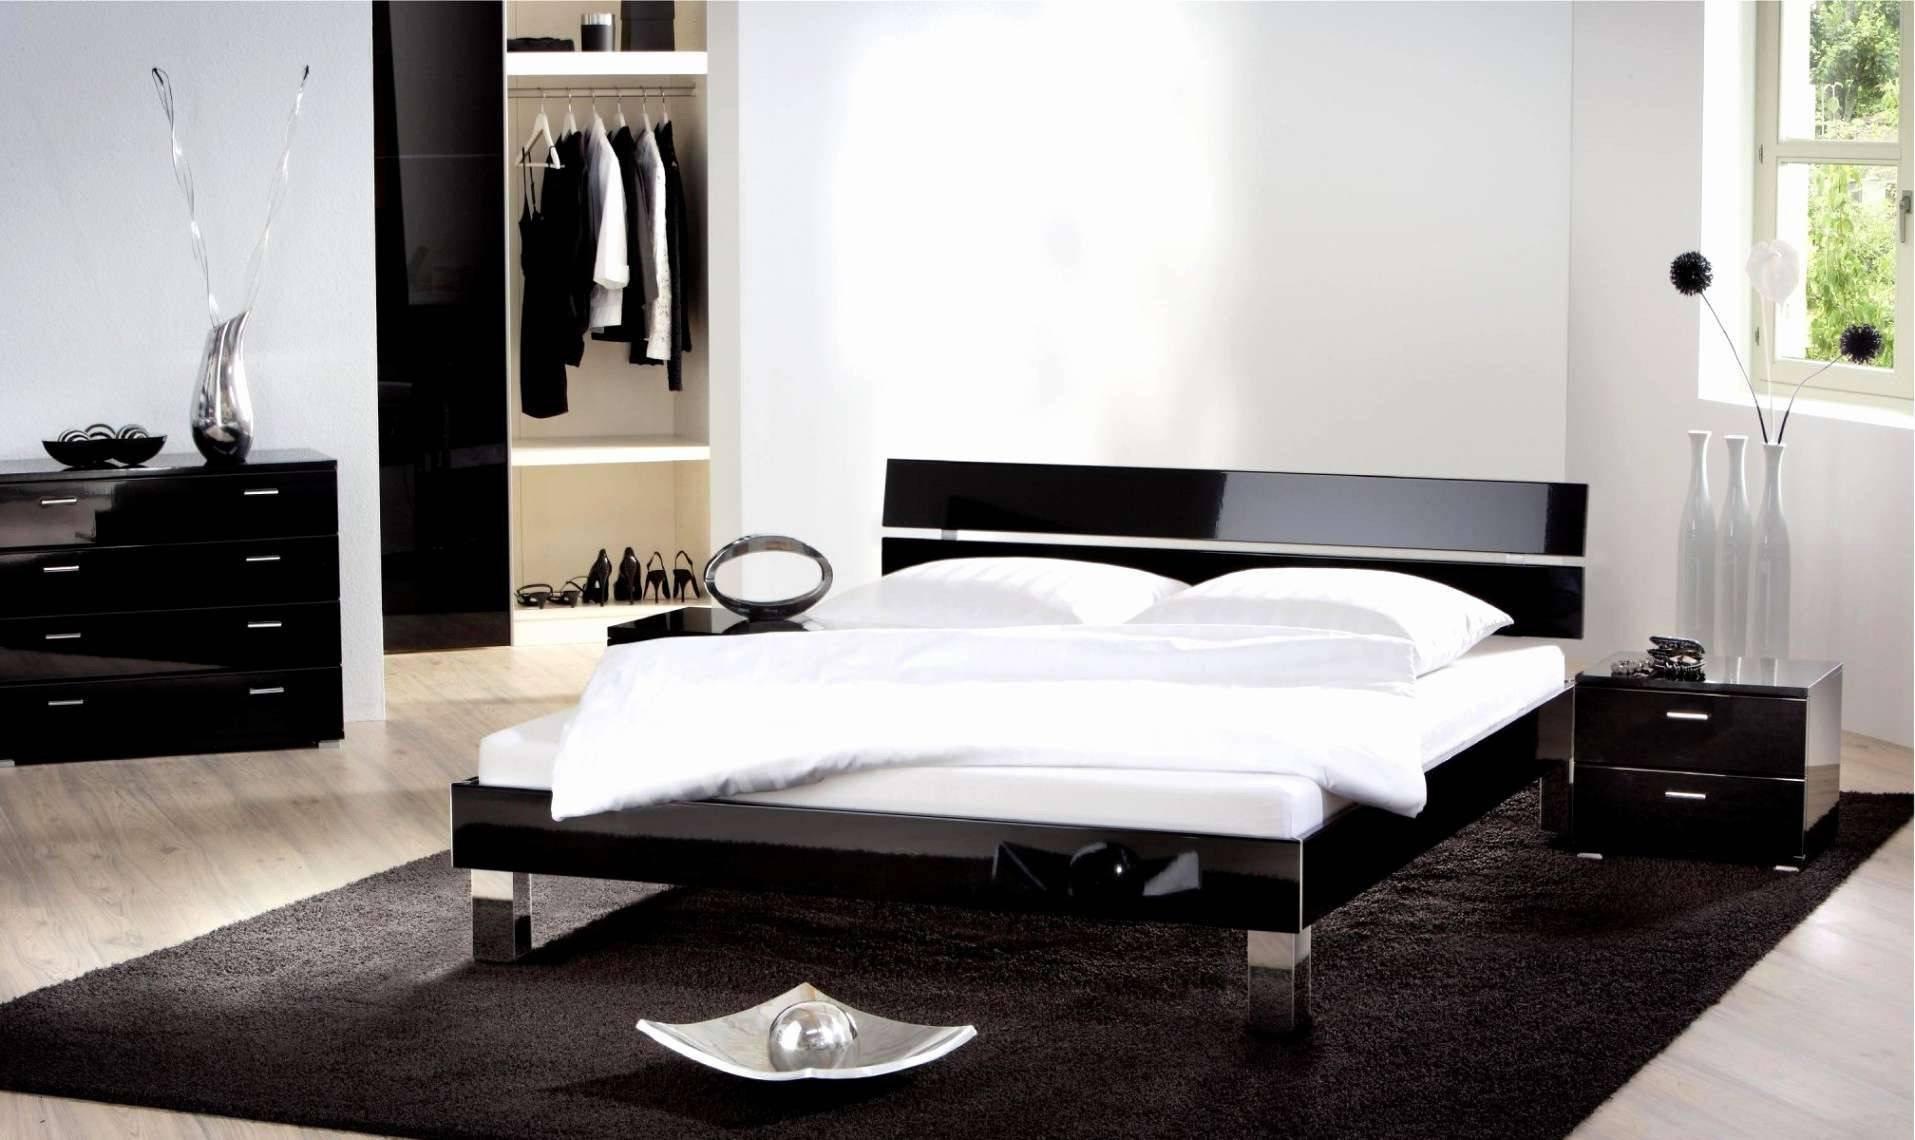 Diy Ideen Best Of Modern Pop Design for Bedroom Lovely Luxus Deko Ideen Diy